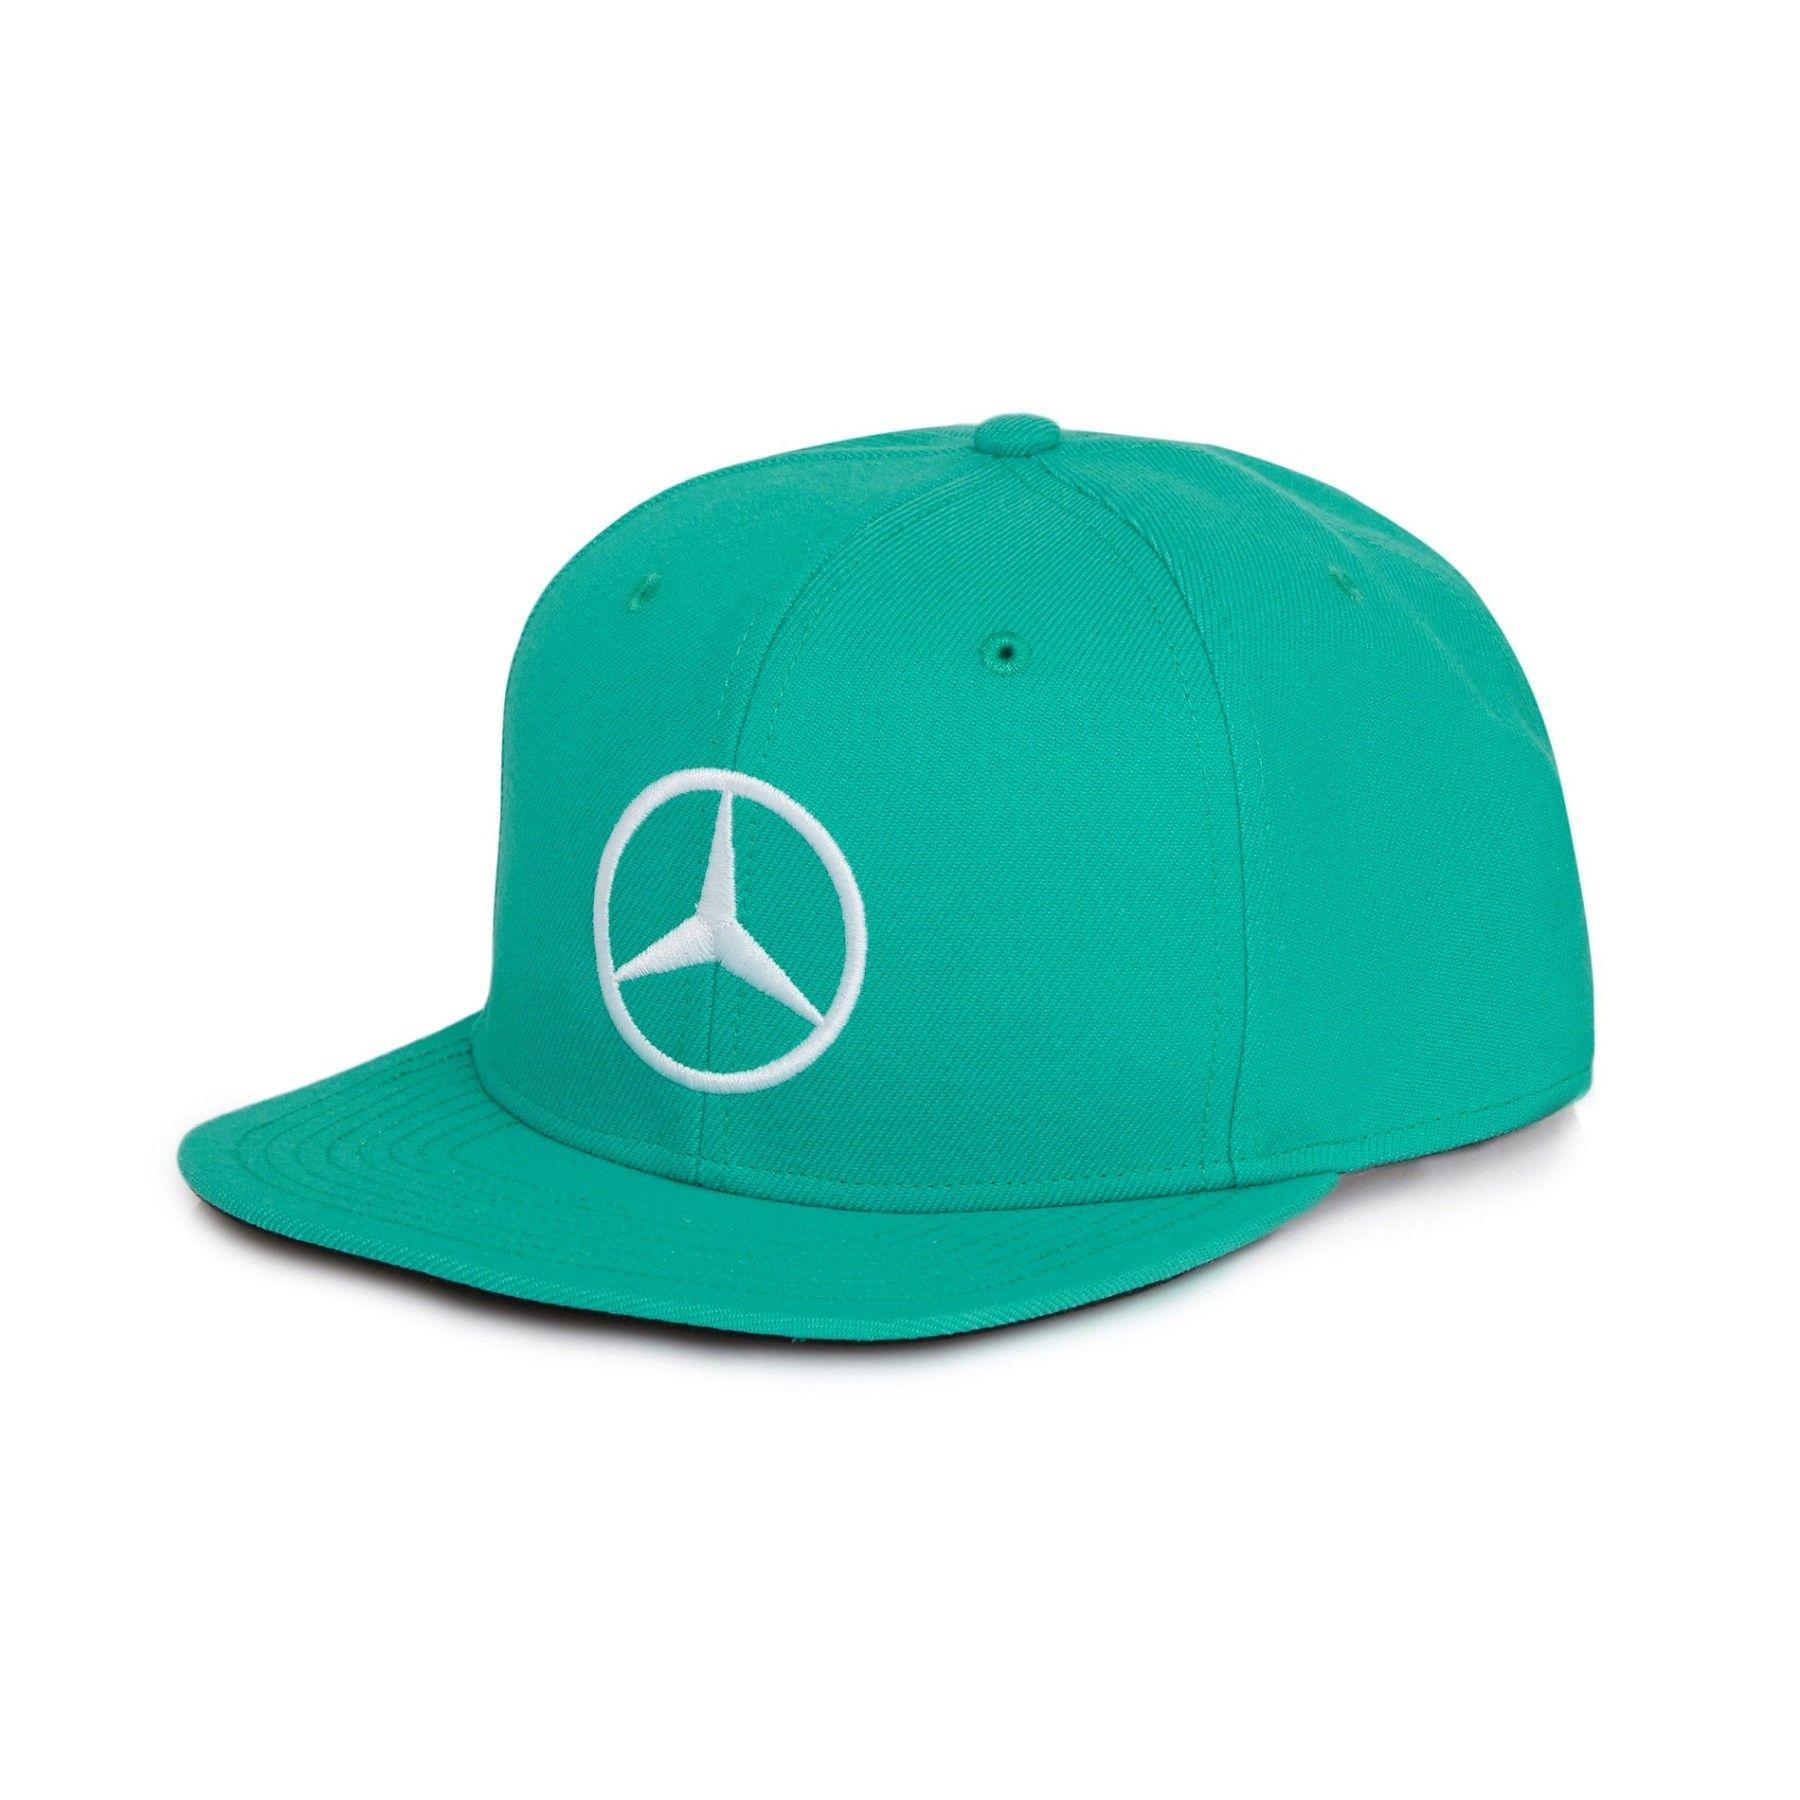 Lewis Hamilton Malaysia GP Cap - Lewis Hamilton - MERCEDES AMG PETRONAS  Formula One - Fuel ff14e6d5e96